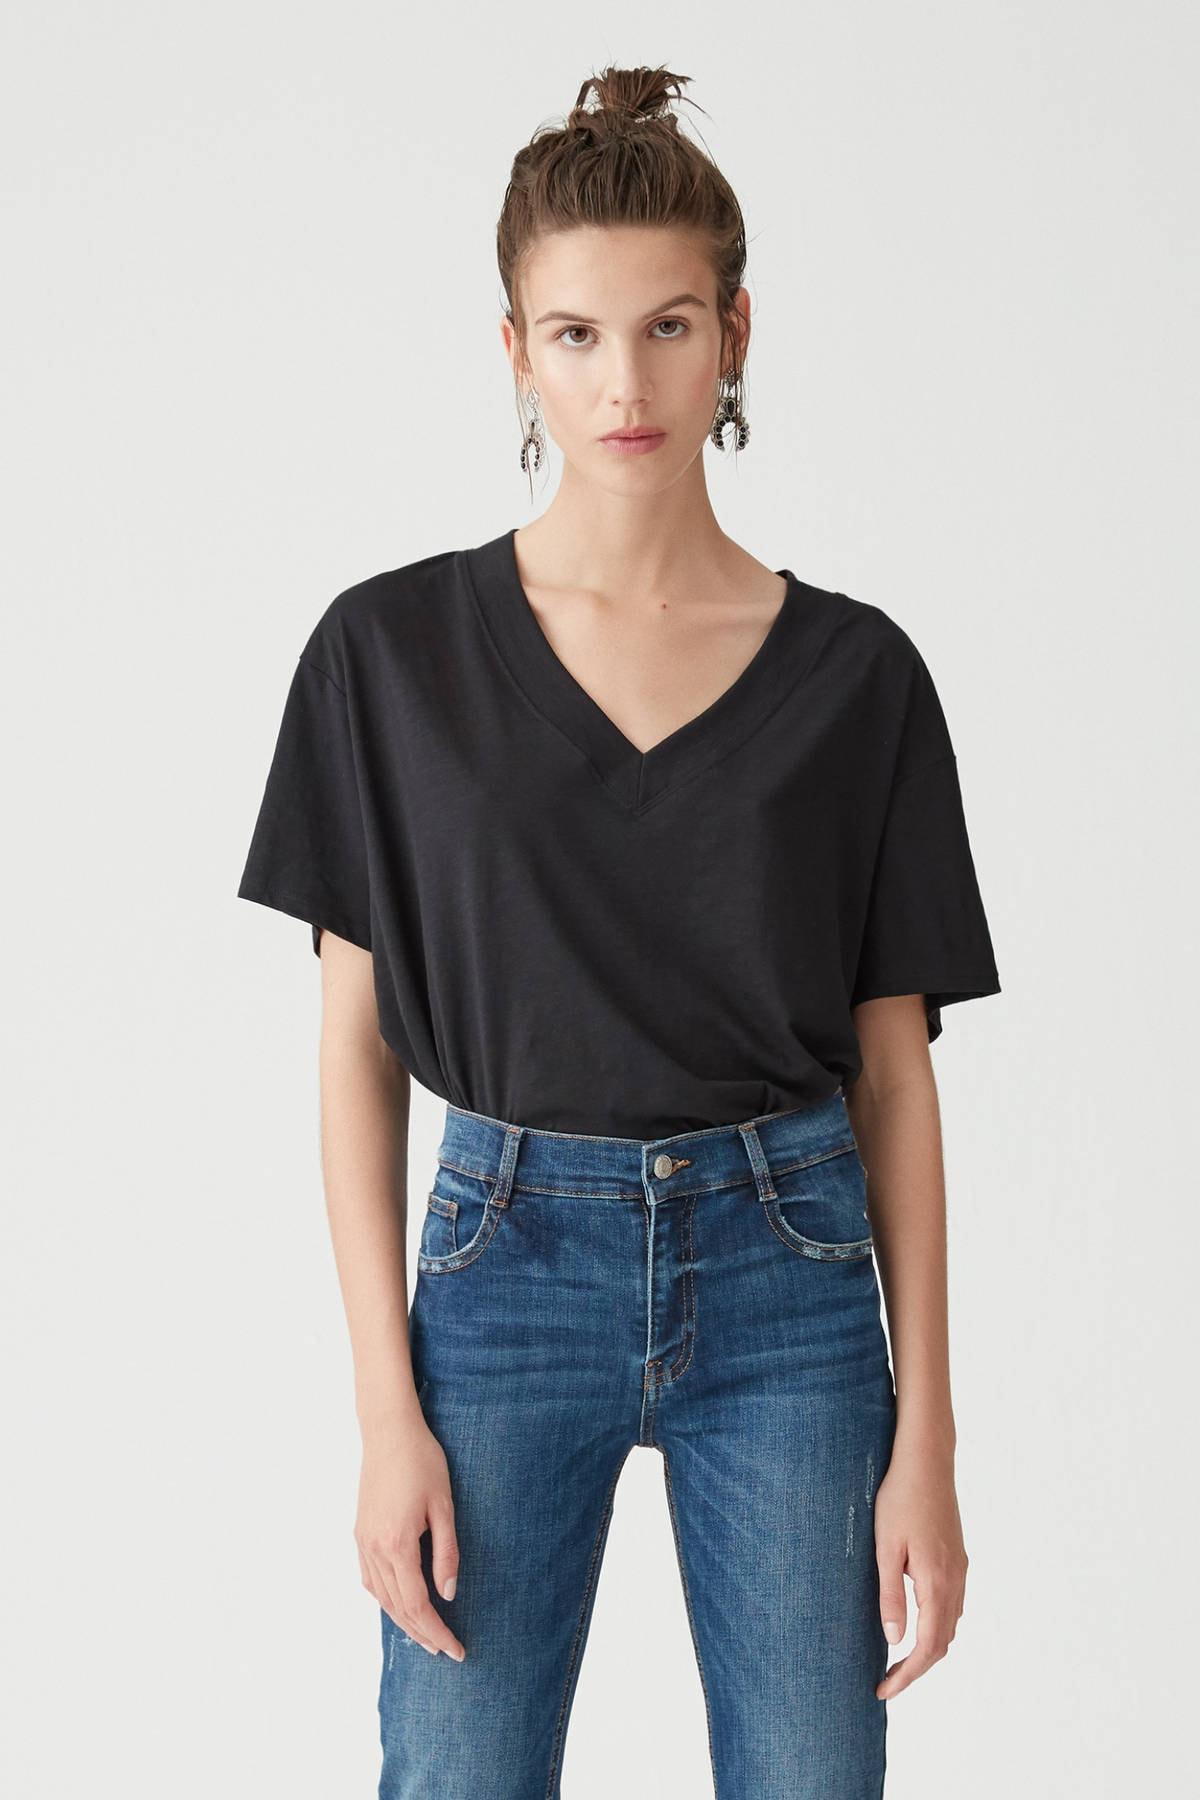 Pull & Bear Kadın Siyah Basic Oversize Düğümlü Örgü T-Shirt 05236324 1